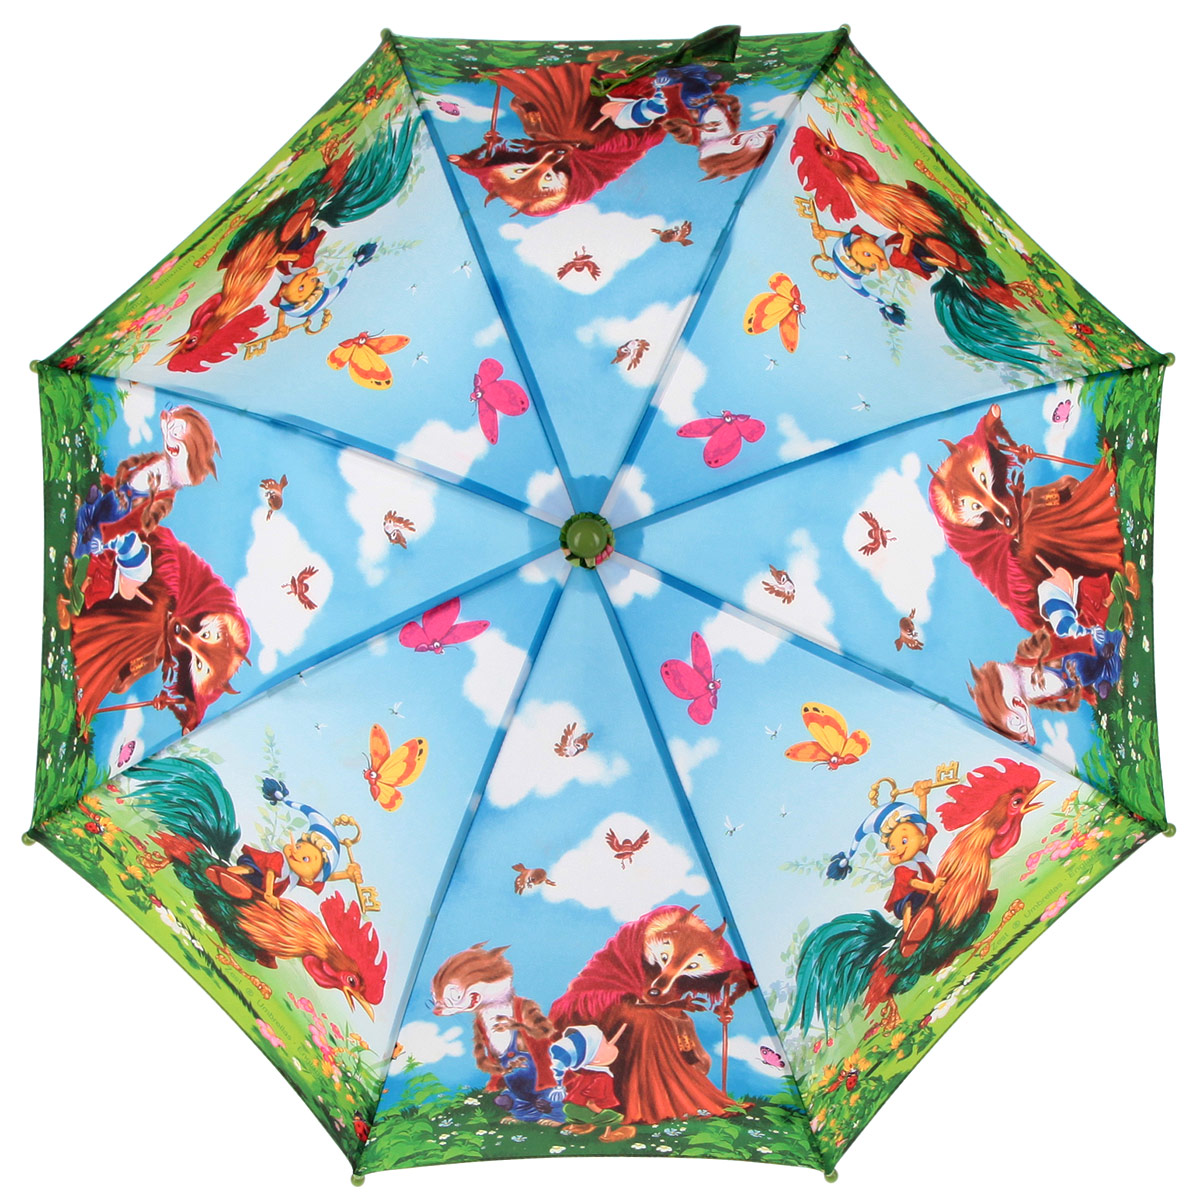 Зонт-трость детский Zest, цвет: голубой, зеленый, мультицвет. 21665-01Серьги с подвескамиКрасочный детский зонт-трость ZEST выполнен из металла и пластика, оформлен принтом с изображениями героев известнейших сказок.Каркас зонта выполнен из восьми спиц, стержень из стали. На концах спиц предусмотрены пластиковые элементы, которые защитят малыша от травм. Купол зонта изготовлен прочного полиэстера. Закрытый купол застегивается на липучку хлястиком. Практичная глянцевая рукоятка закругленной формы разработана с учетом требований эргономики и выполнена из пластика.Зонт имеет полуавтоматический механизм сложения: купол открывается нажатием кнопки на рукоятке, а закрывается вручную до характерного щелчка.Такой зонт не только надежно защитит малыша от дождя, но и станет стильным аксессуаром.